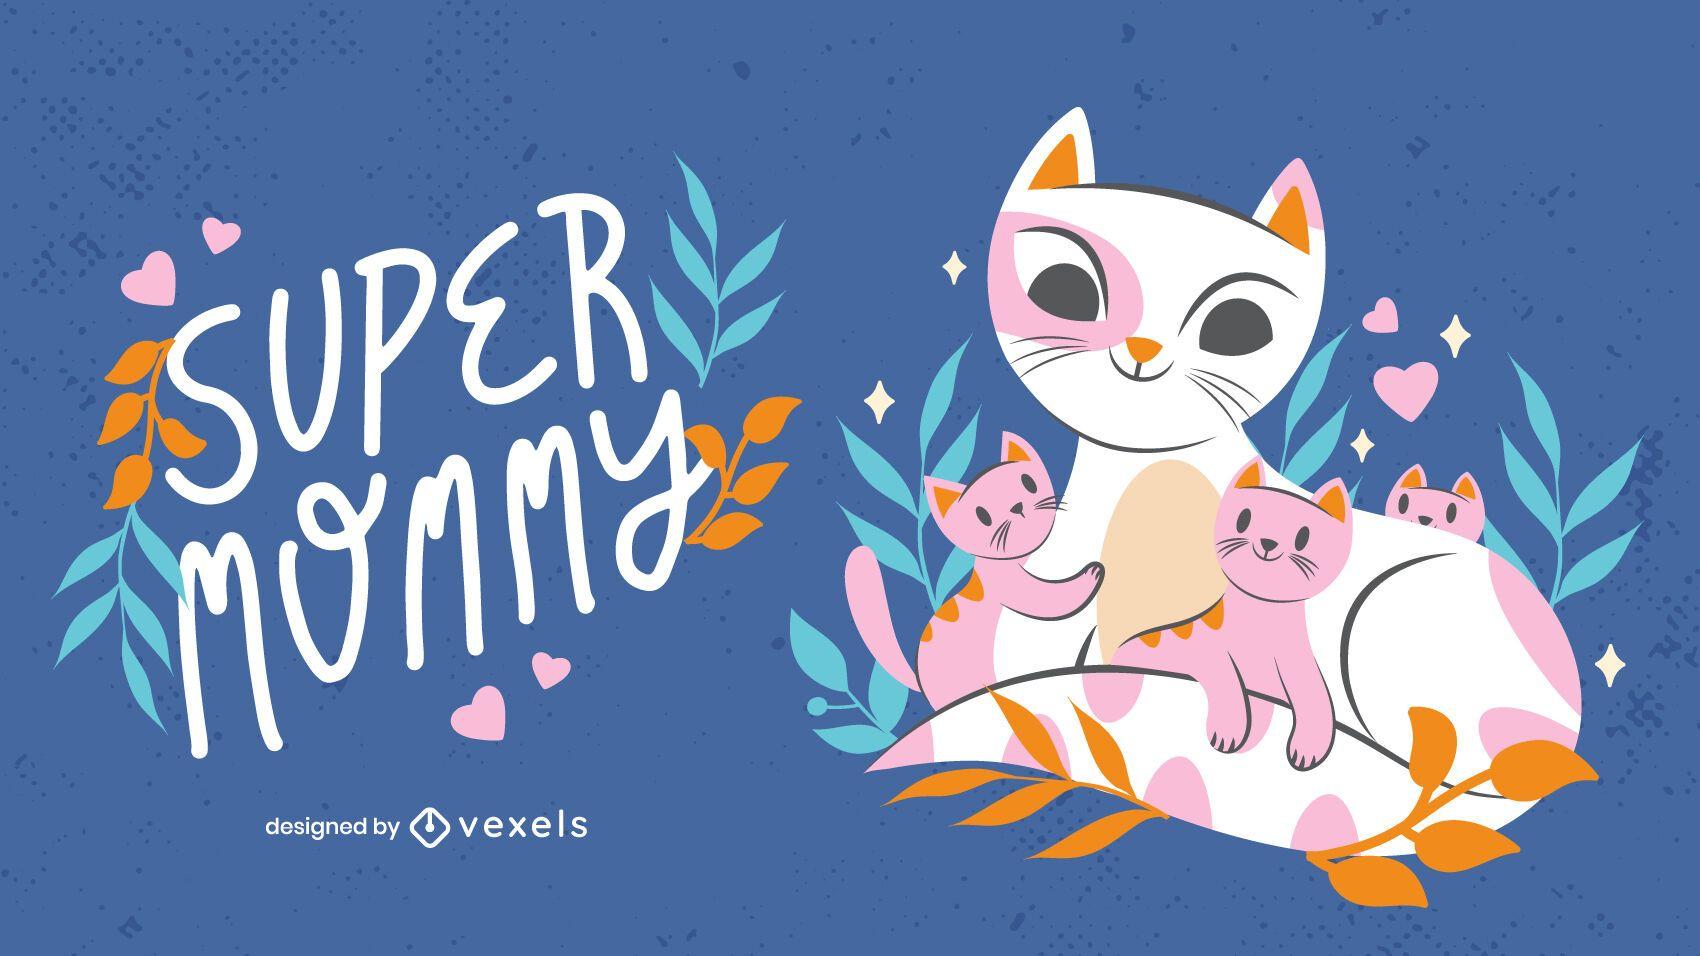 Mother's day kittens illustration